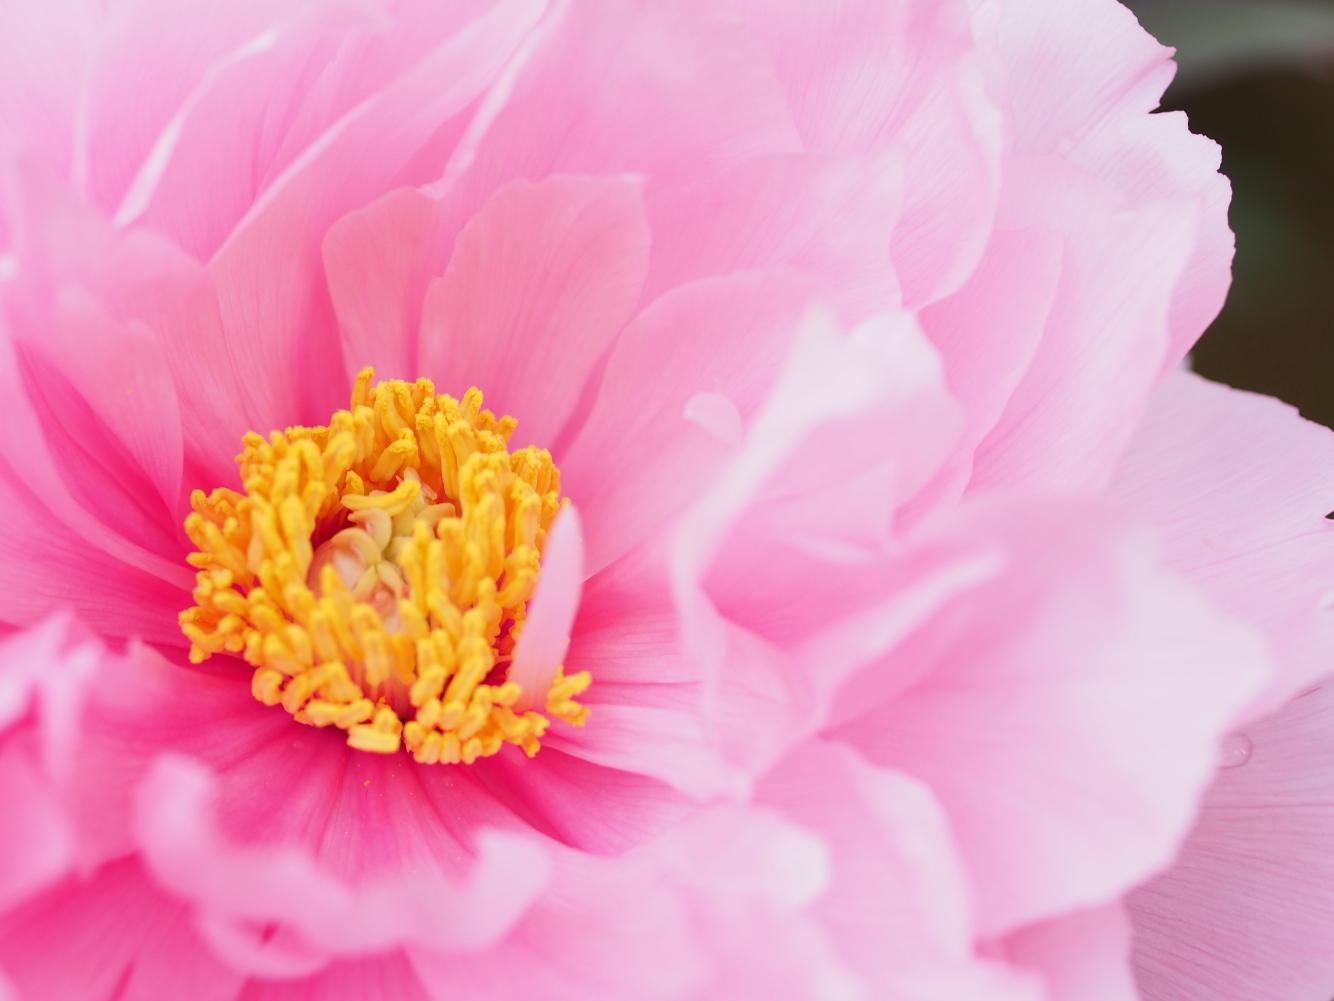 牡丹の花_e0169421_16947100.jpg